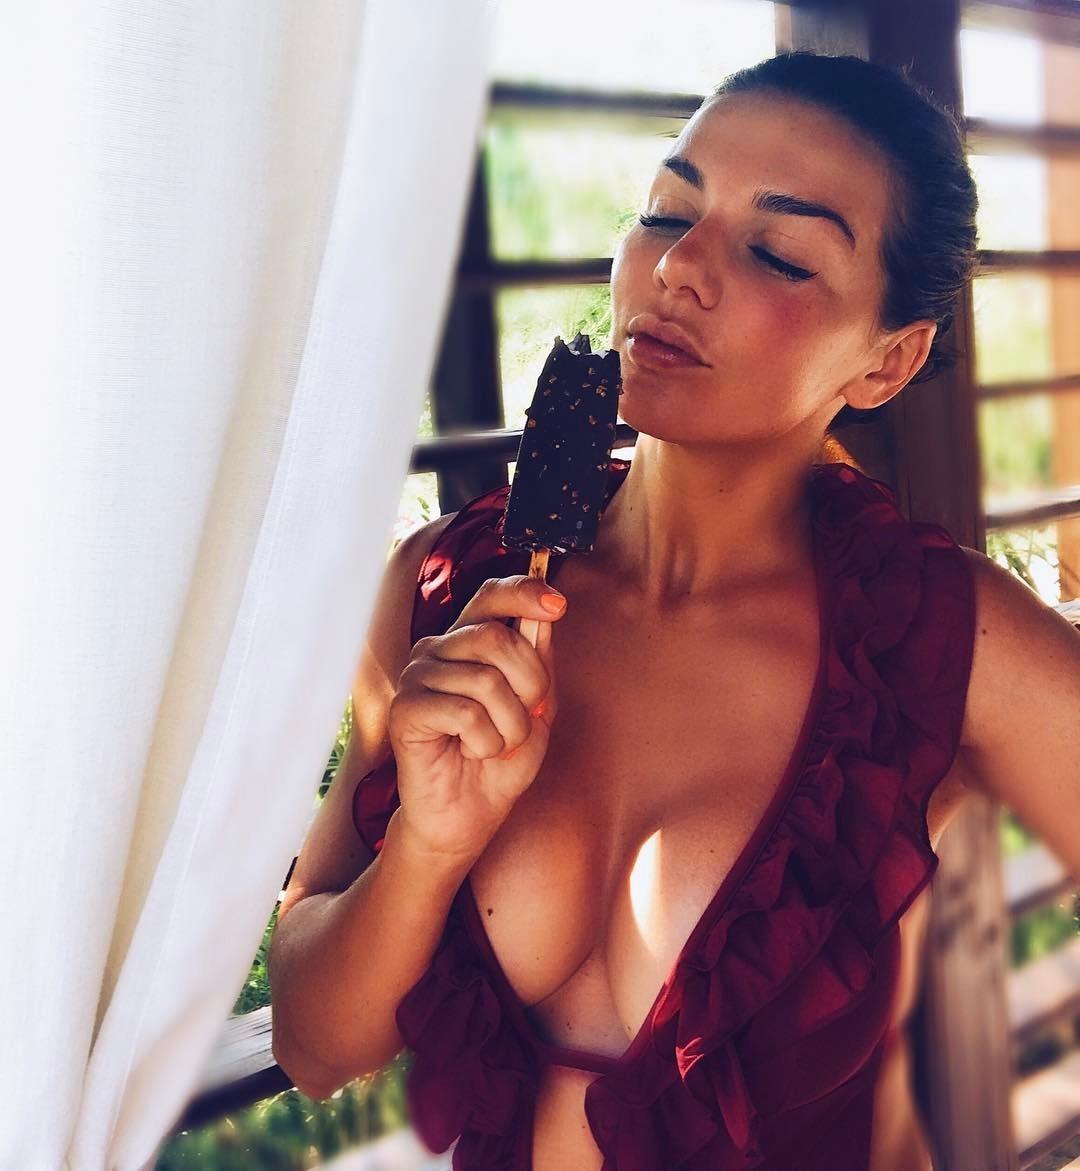 Картинки по запросу Поклонники набросились на голую грудь Седоковой